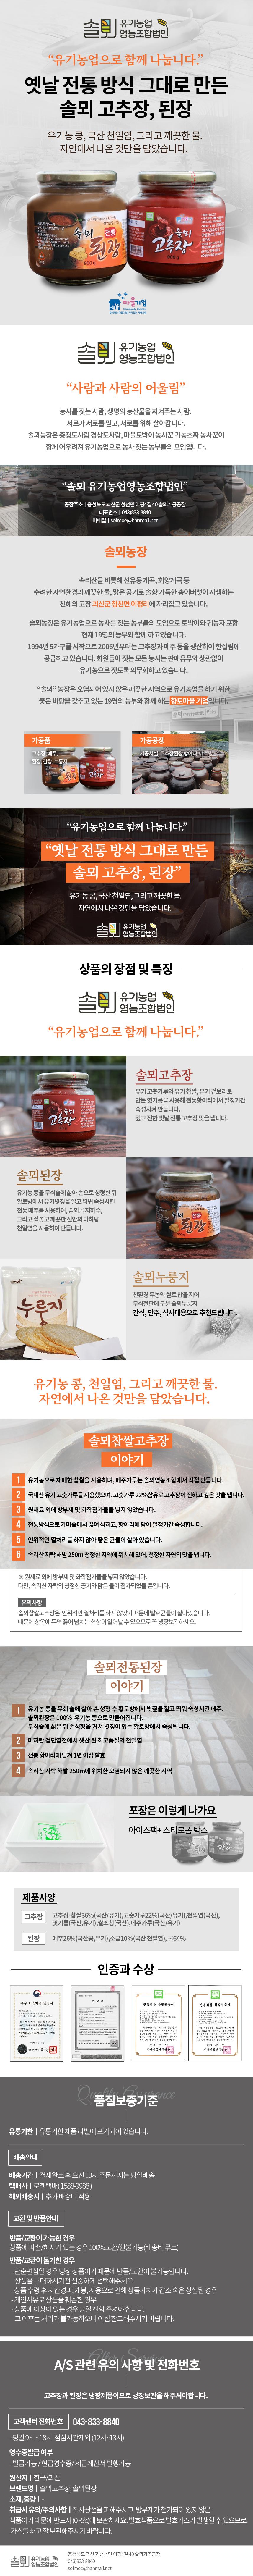 솔뫼영농조합_최종2.jpg